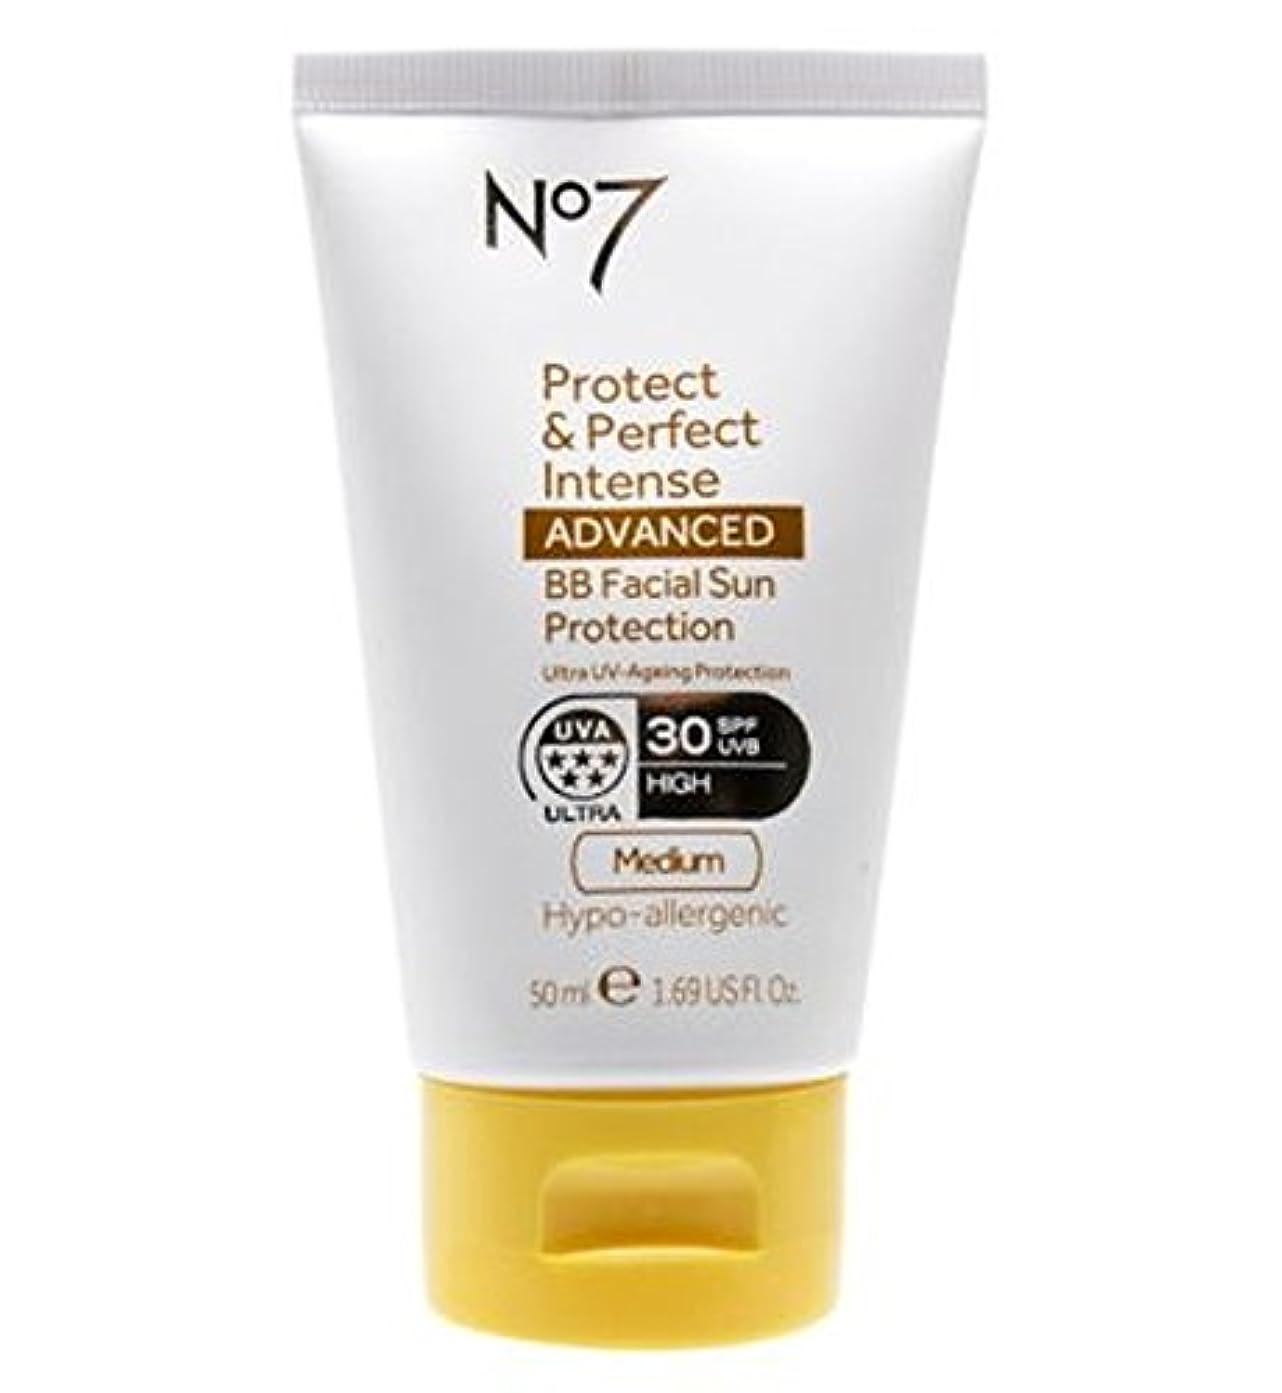 物理的に体系的に航海No7 Protect & Perfect Intense ADVANCED BB Facial Sun Protection SPF30 Medium 50ml - No7保護&完璧な強烈な先進Bb顔の日焼け防止Spf30...